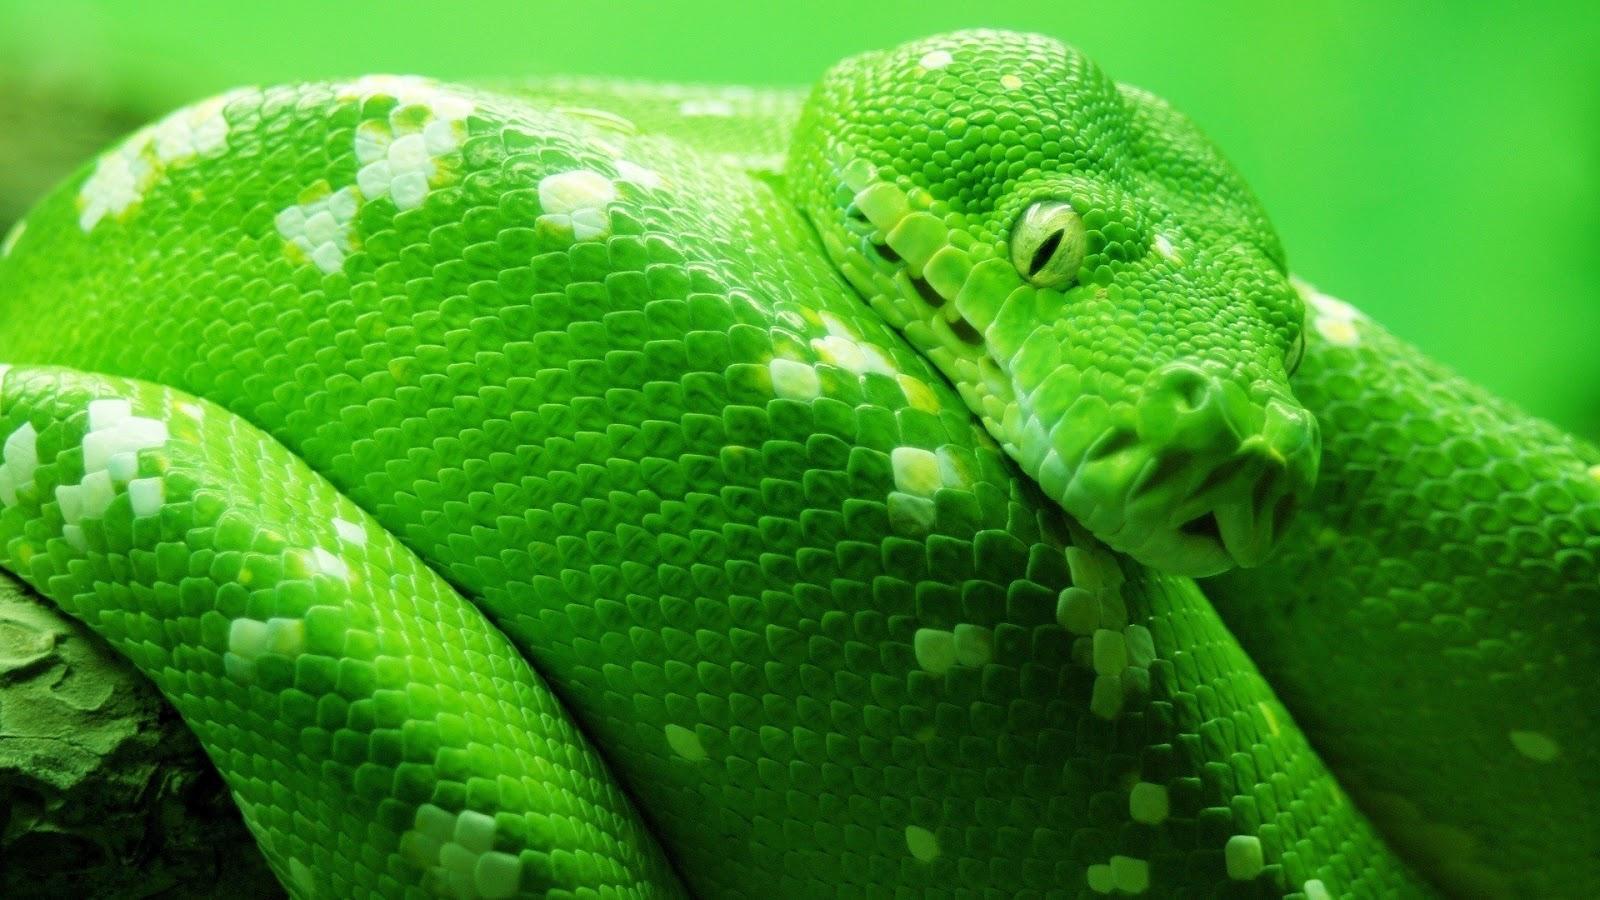 http://1.bp.blogspot.com/-XrtpsFsnZeY/T4goWbYhMzI/AAAAAAAAAh8/nQ6X0KzD0QM/s1600/boa_tree_snake-wallpaper-1920x1200.jpg